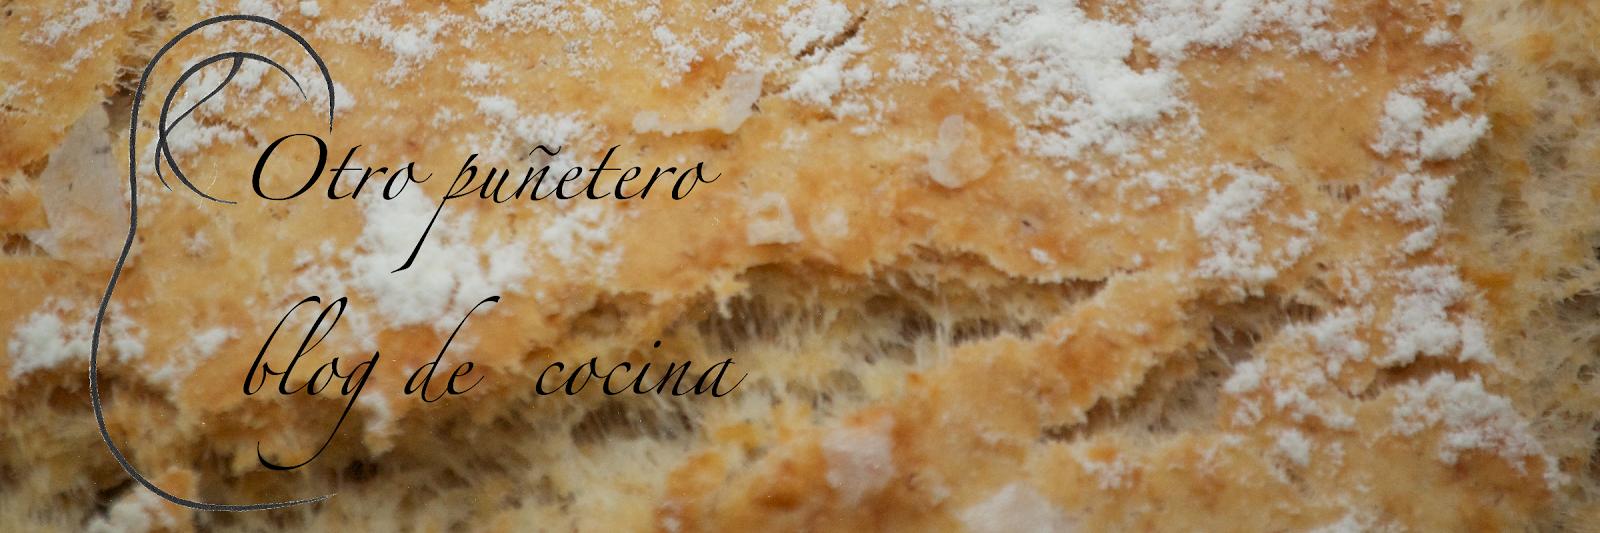 Otro puñetero blog de cocina.